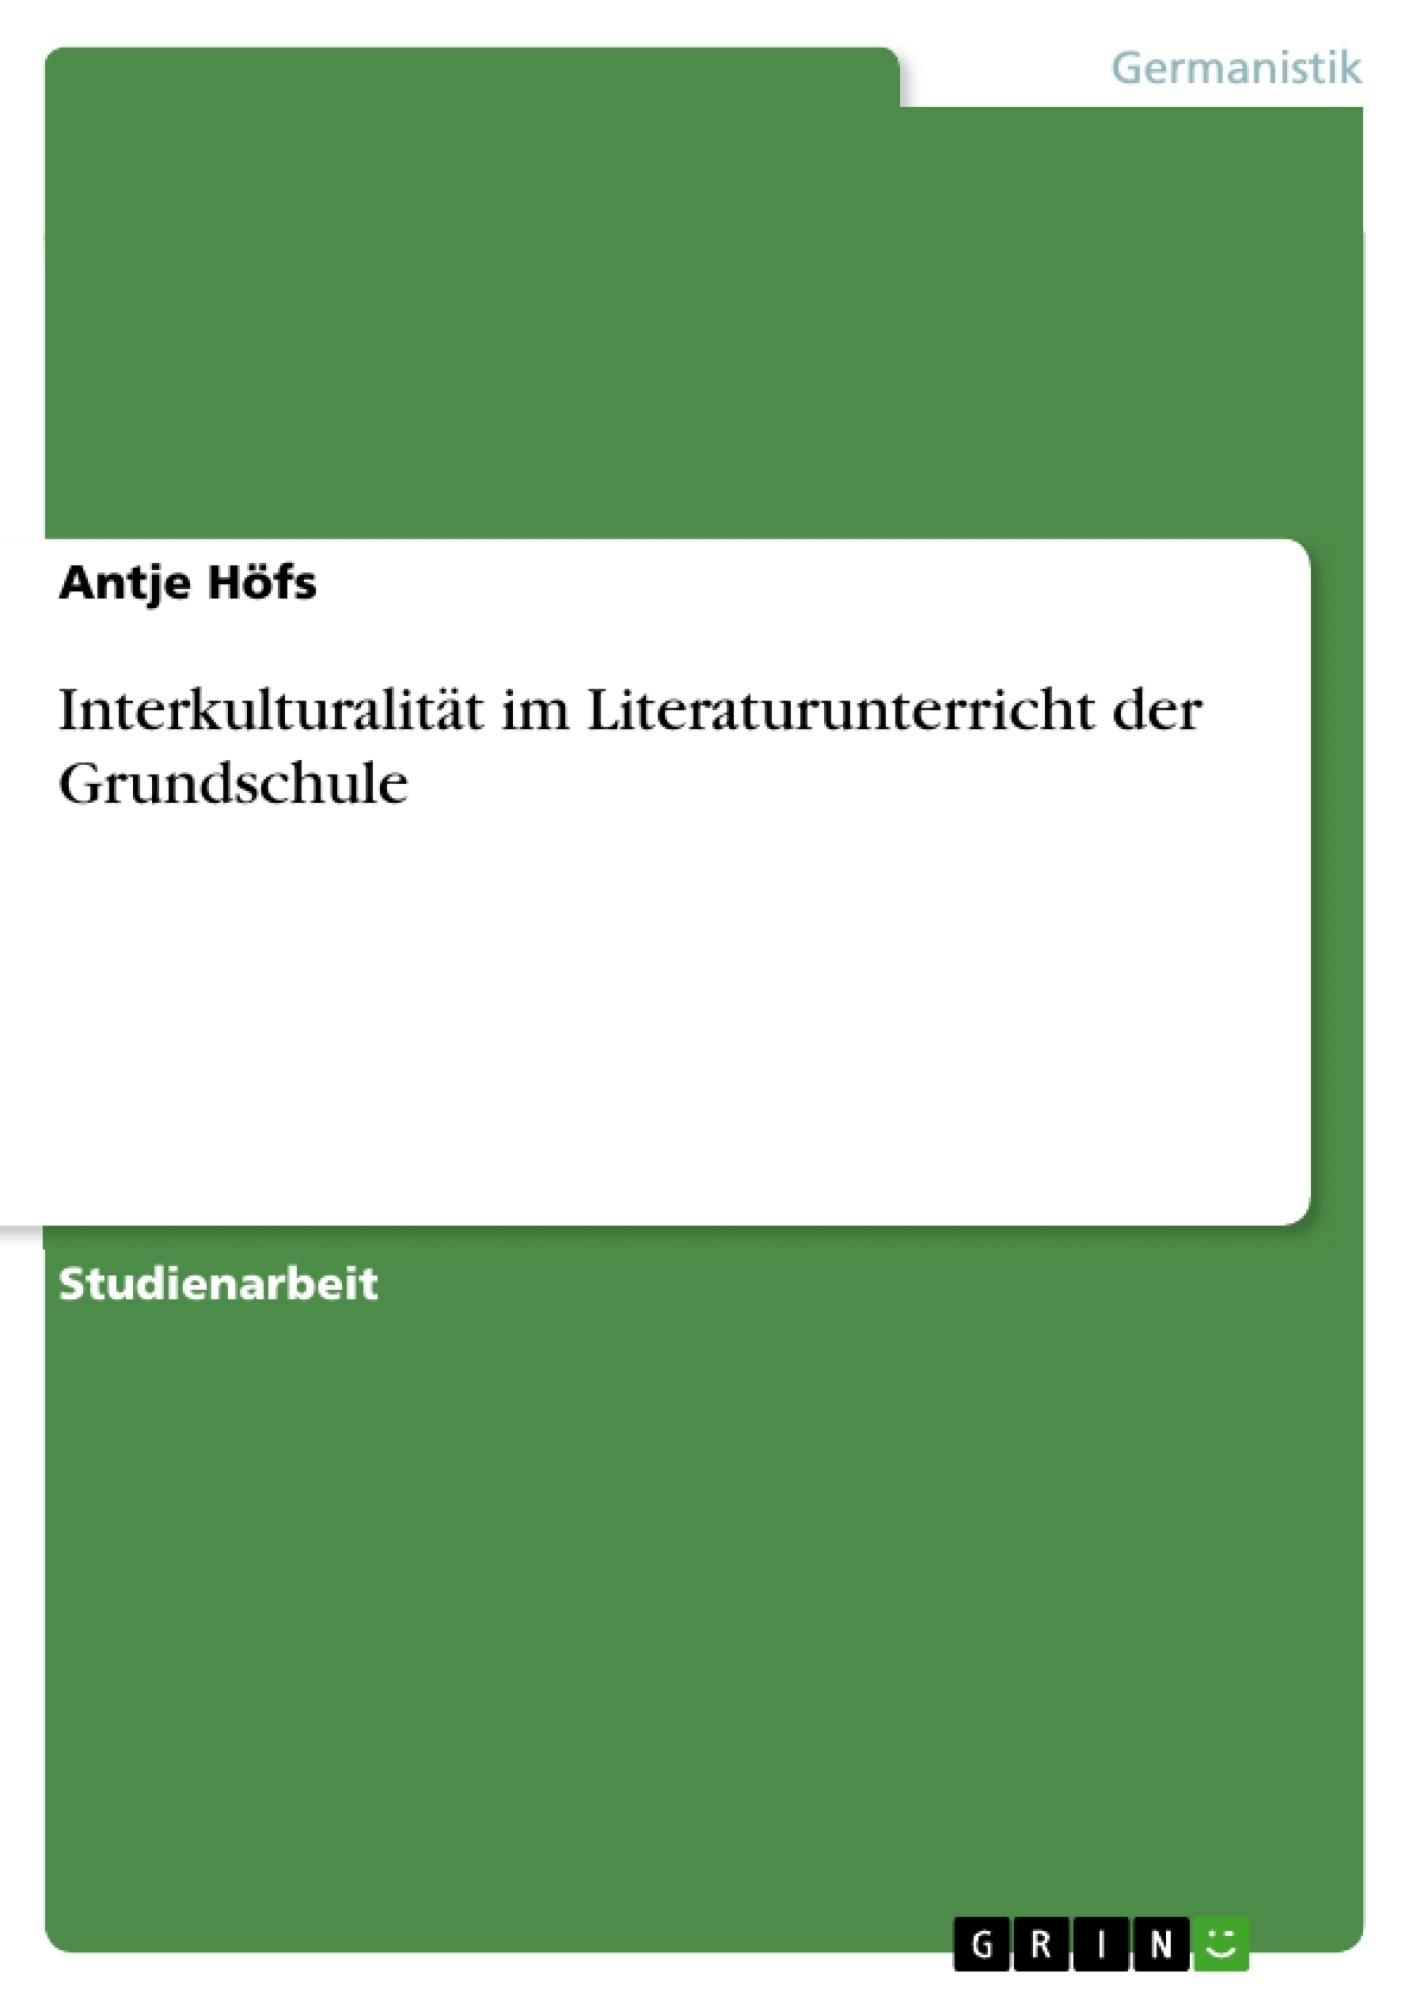 Titel: Interkulturalität im Literaturunterricht der Grundschule